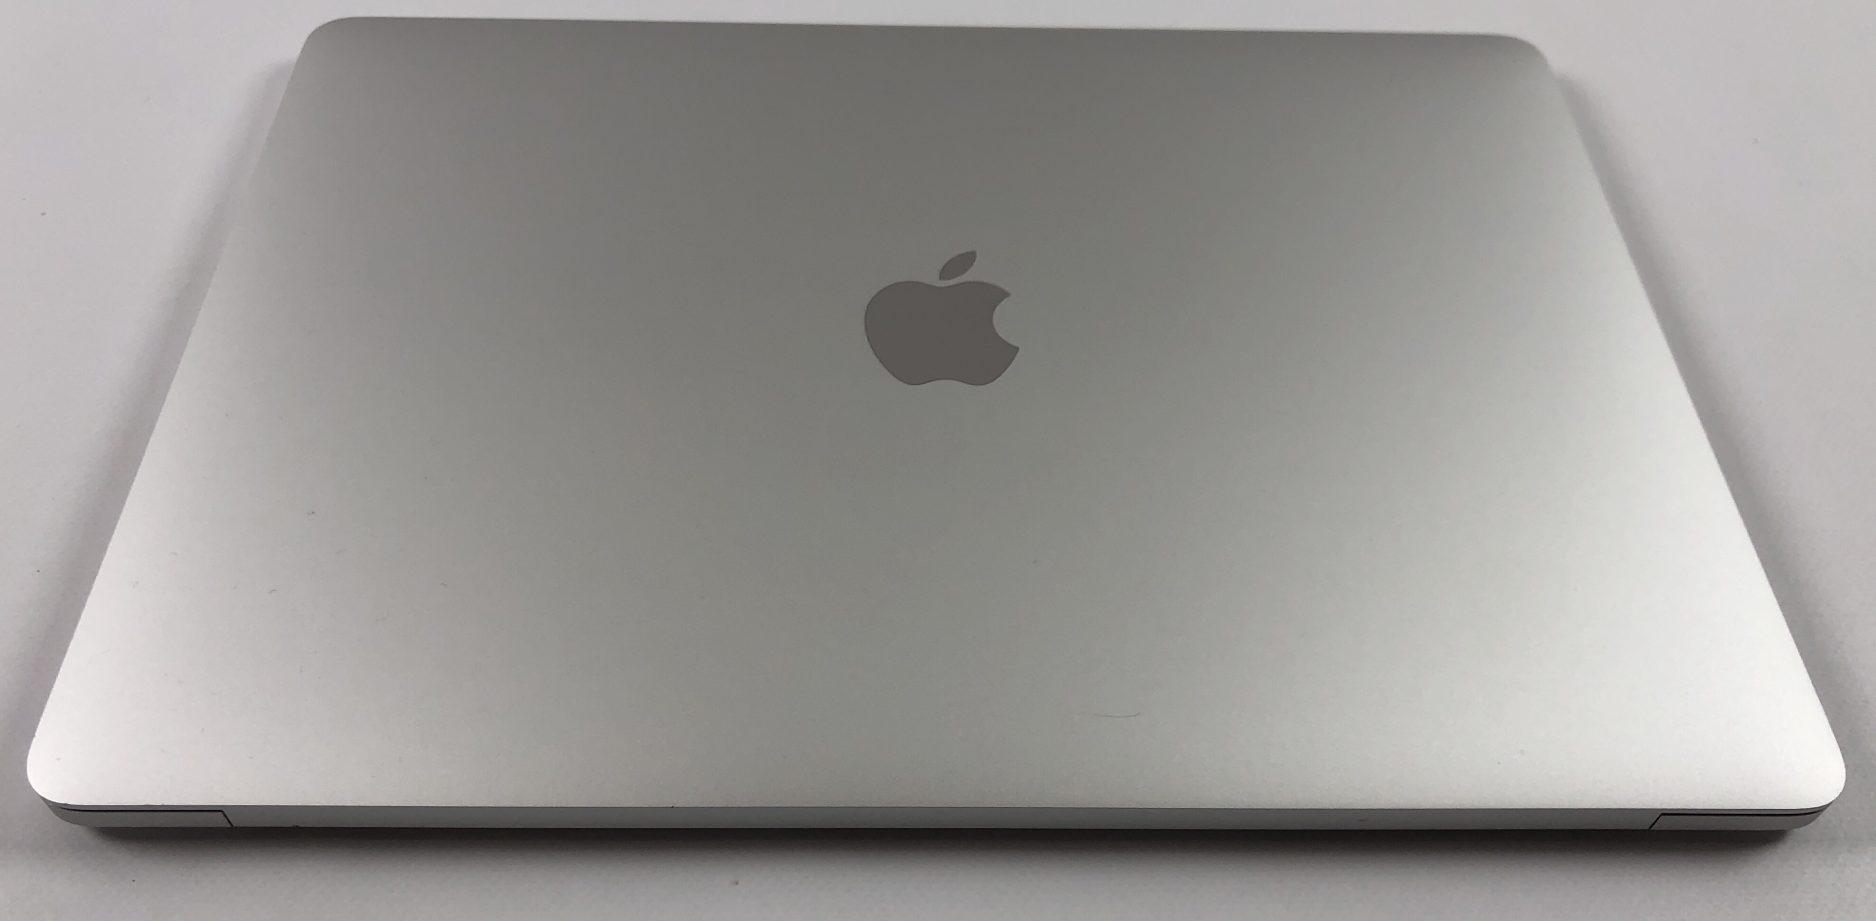 """MacBook Pro 13"""" 2TBT Mid 2017 (Intel Core i7 2.5 GHz 16 GB RAM 512 GB SSD), Silver, Intel Core i7 2.5 GHz, 16 GB RAM, 512 GB SSD, image 2"""